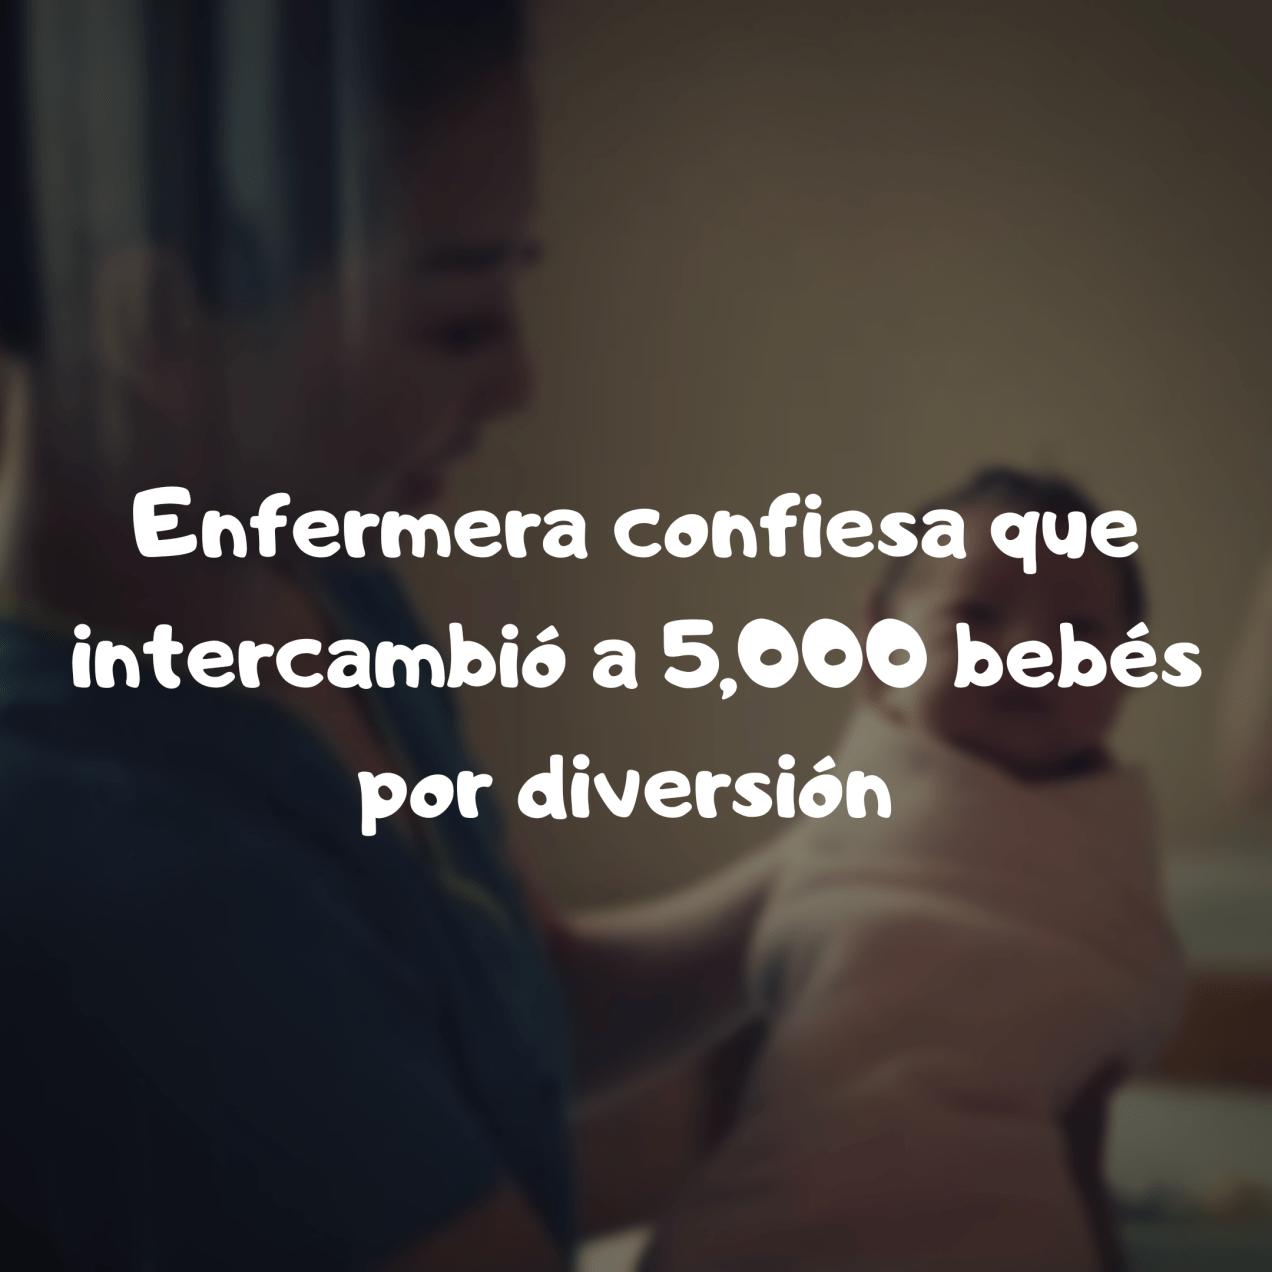 Enfermera que intercambió 5,000 bebés por diversión